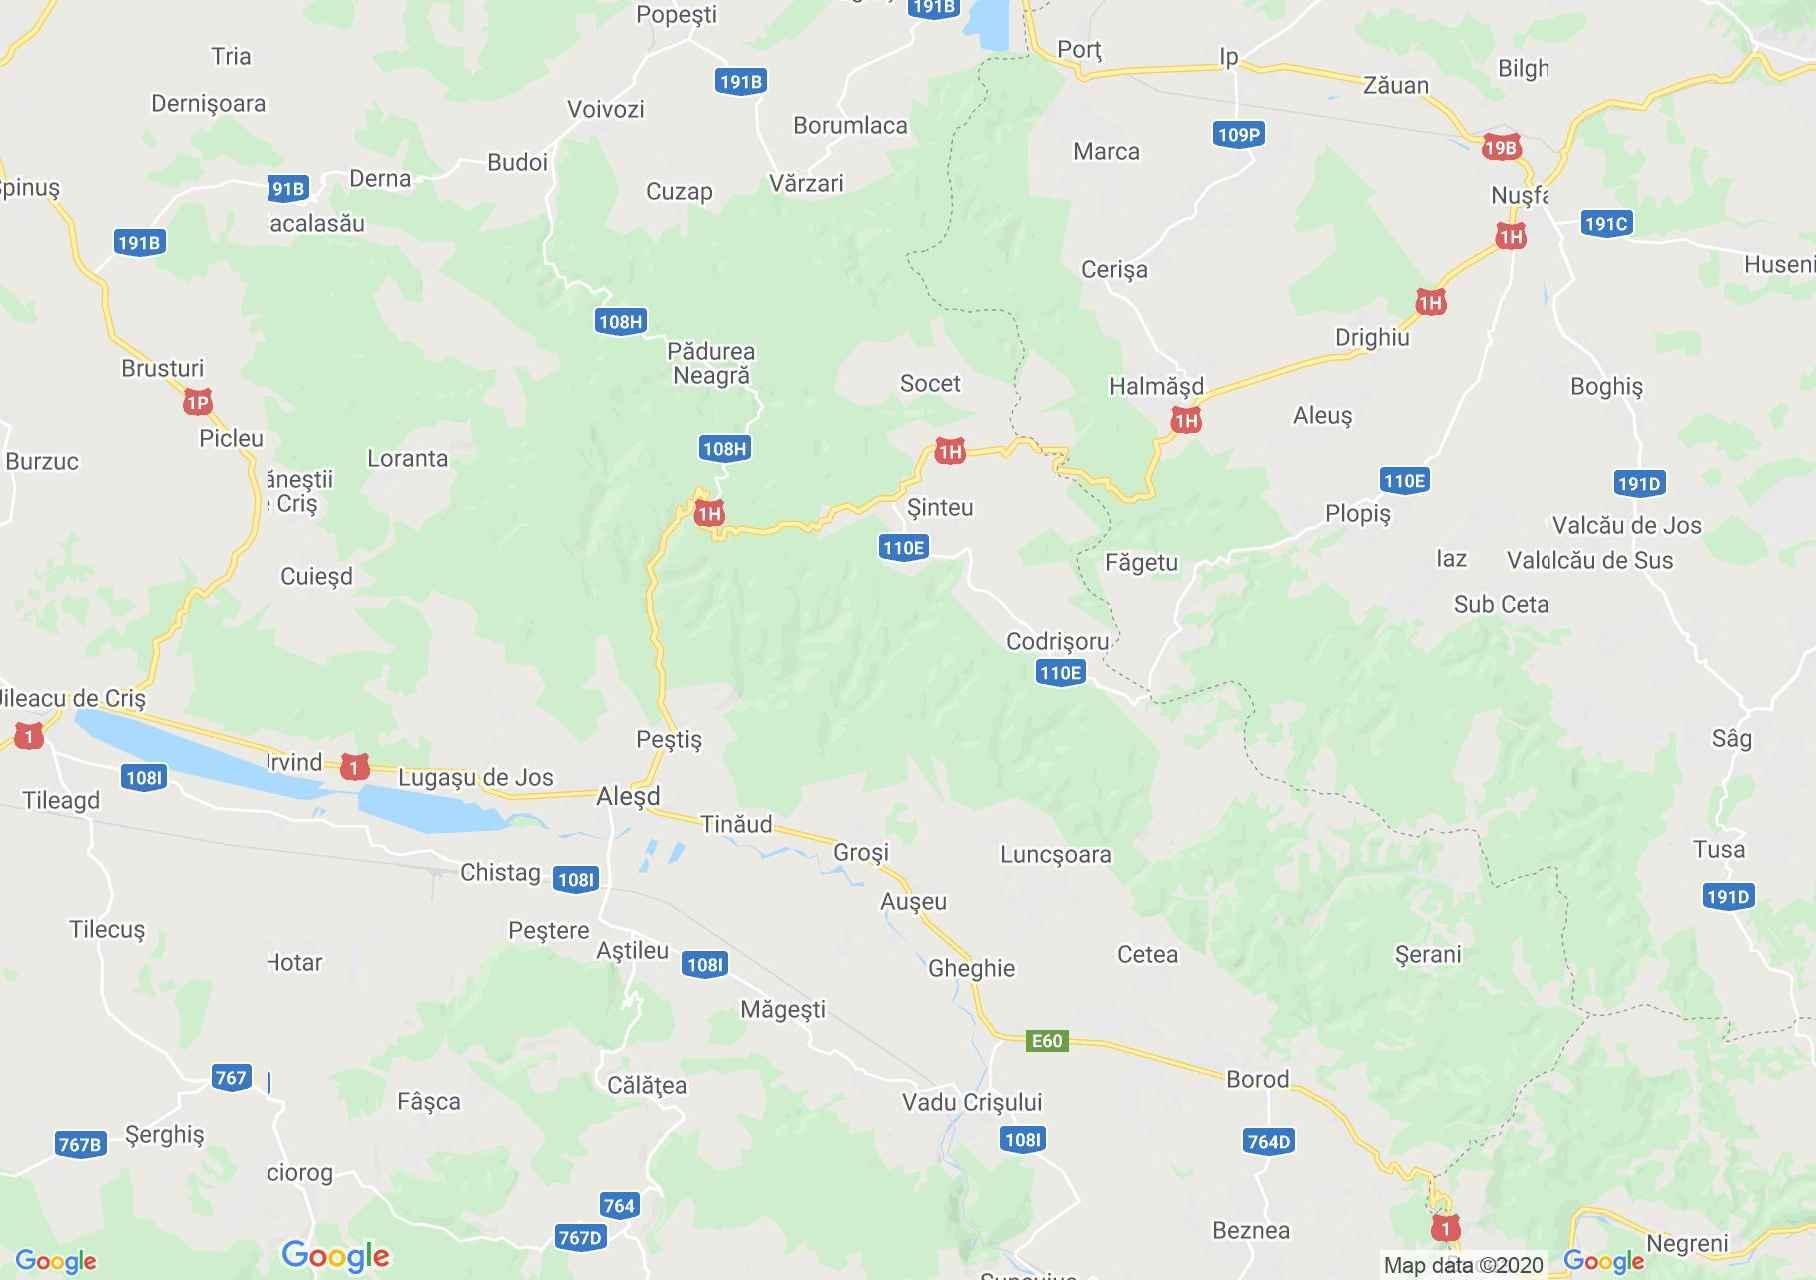 Apuseni: Muntele Şes, Harta turistică interactivă